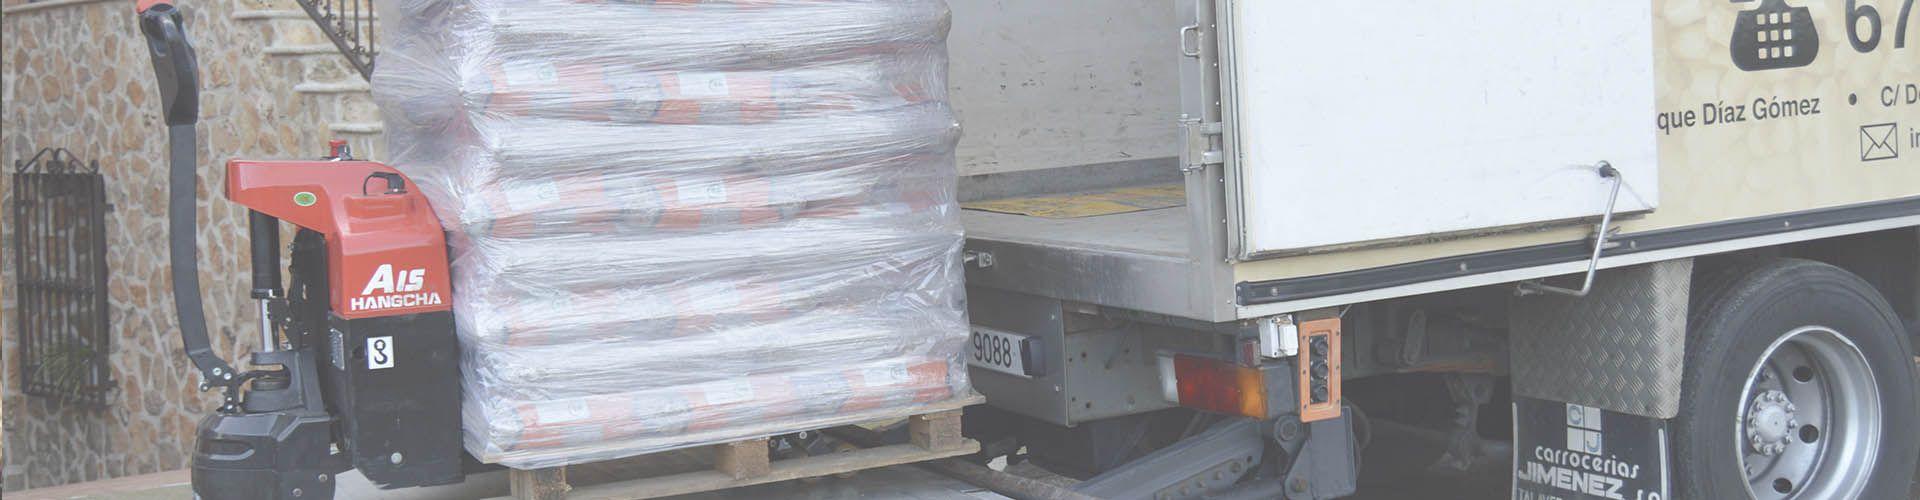 Venta y Distribución de pellet en la sierra de Madrid Becerril-de-la-Sierra-Navacerrada-Collado-Villalba-Colmenar-Viejo.jpg